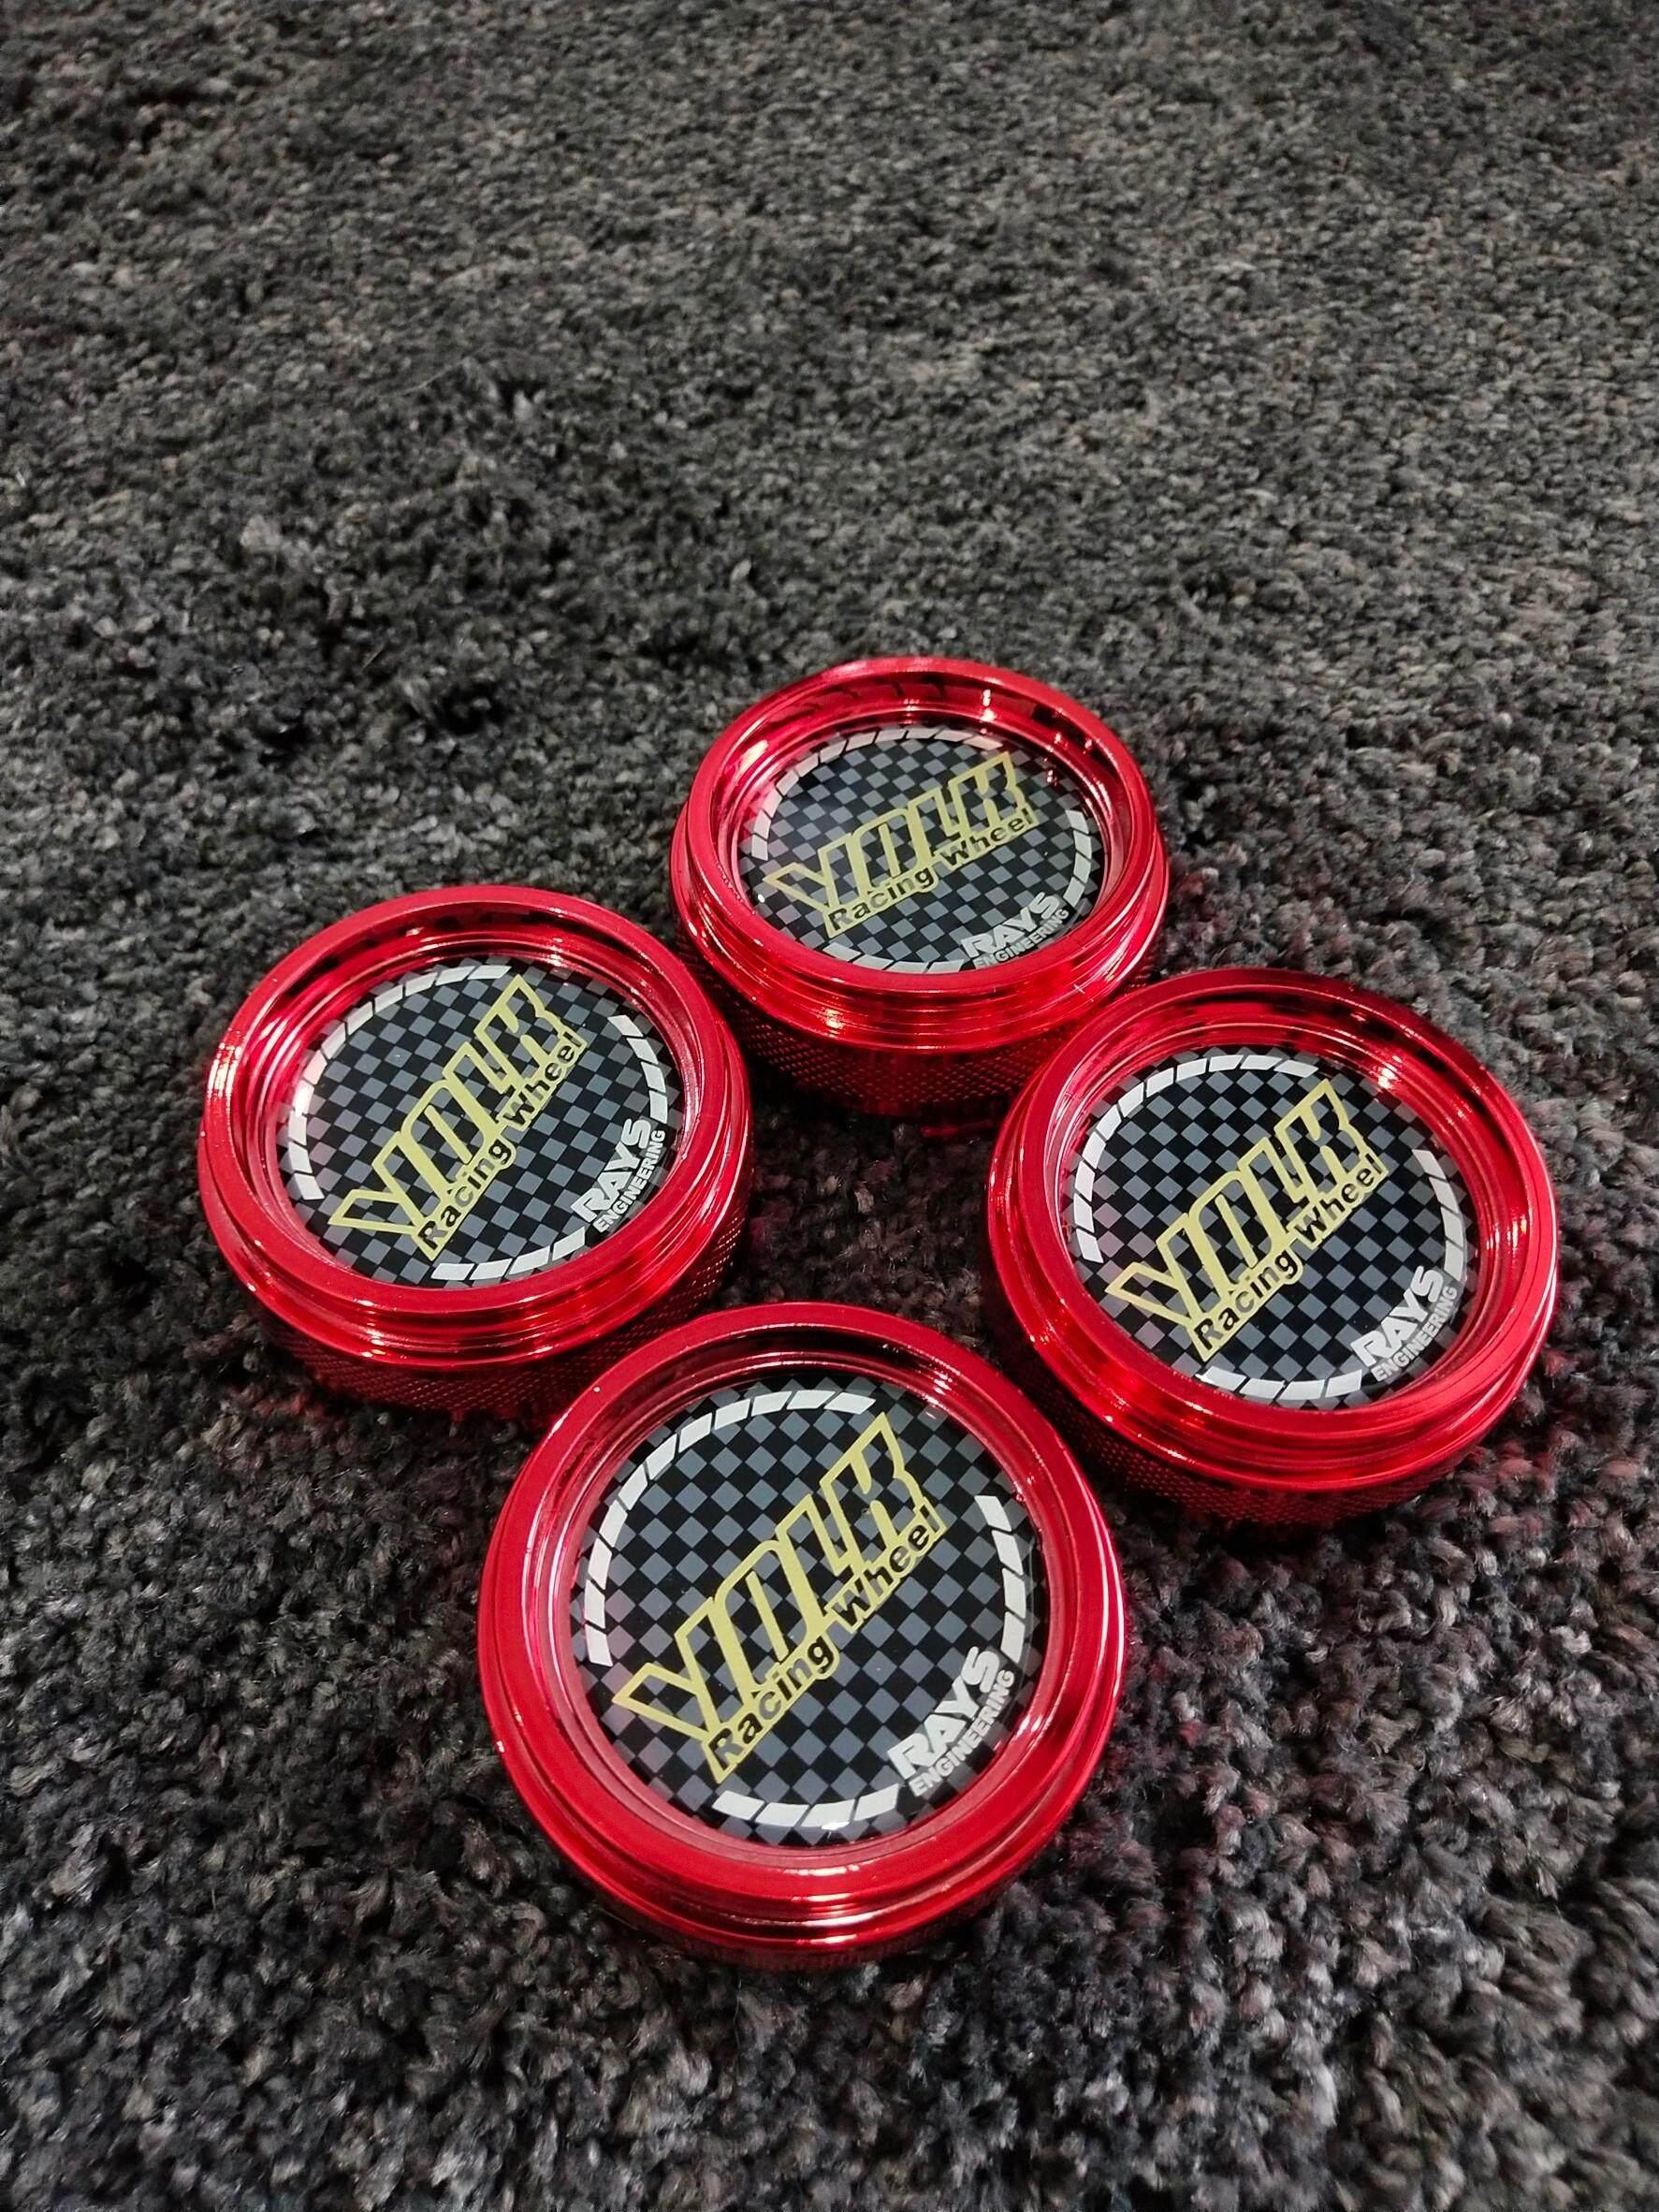 ฝาครอบดุมล้อvolk Racing มี6สี (สีแดง) ราคาต่อชุด(4ชิ้น) พร้อมส่ง By Infinity Car.